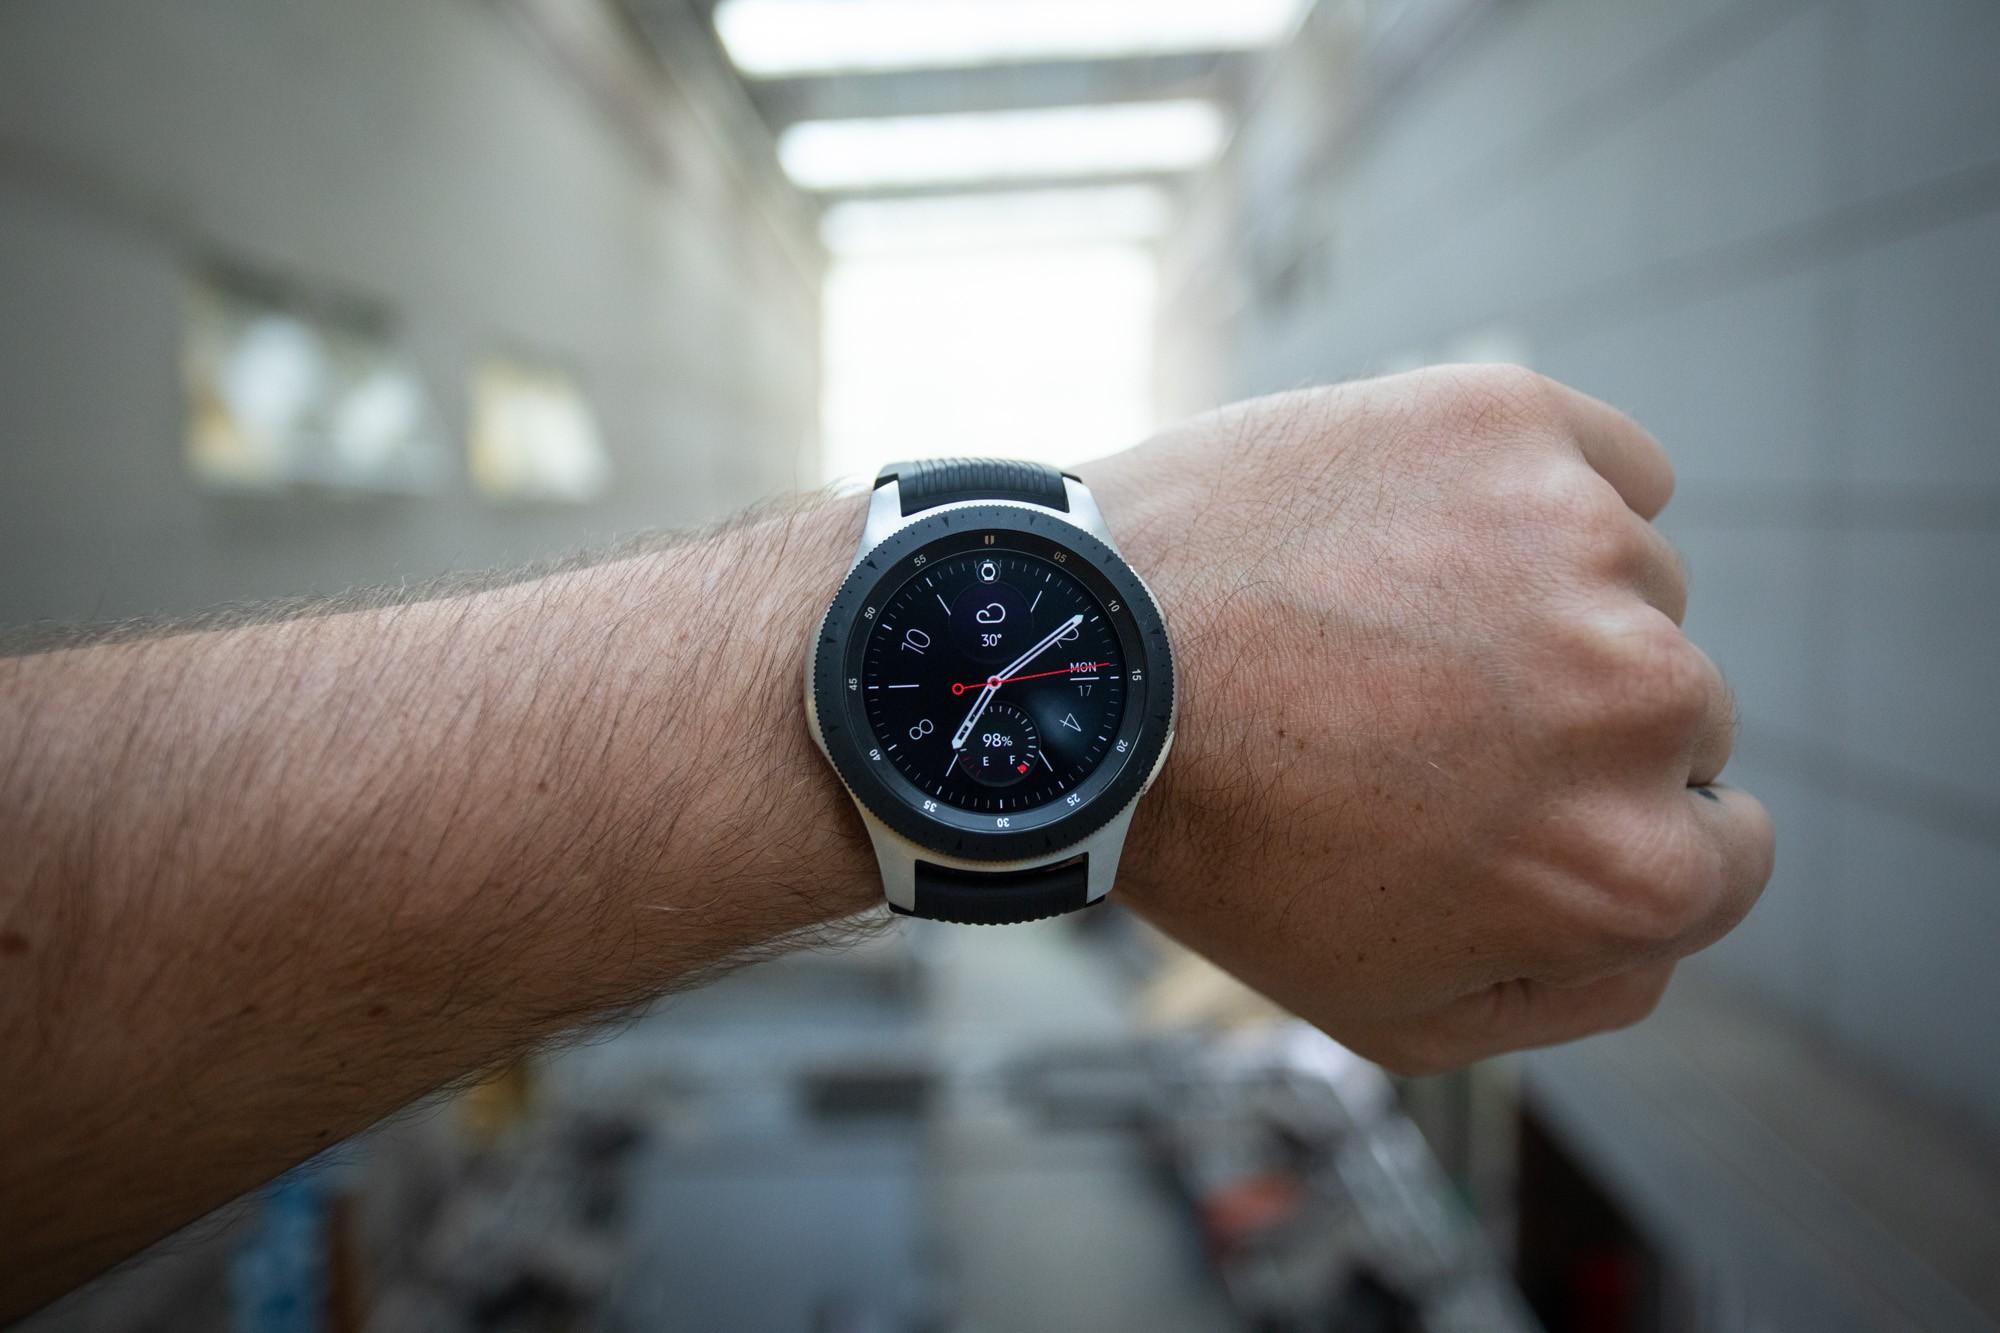 O que levar em consideração na hora de escolher um smartwatch? - Notícias - Plantão Diário